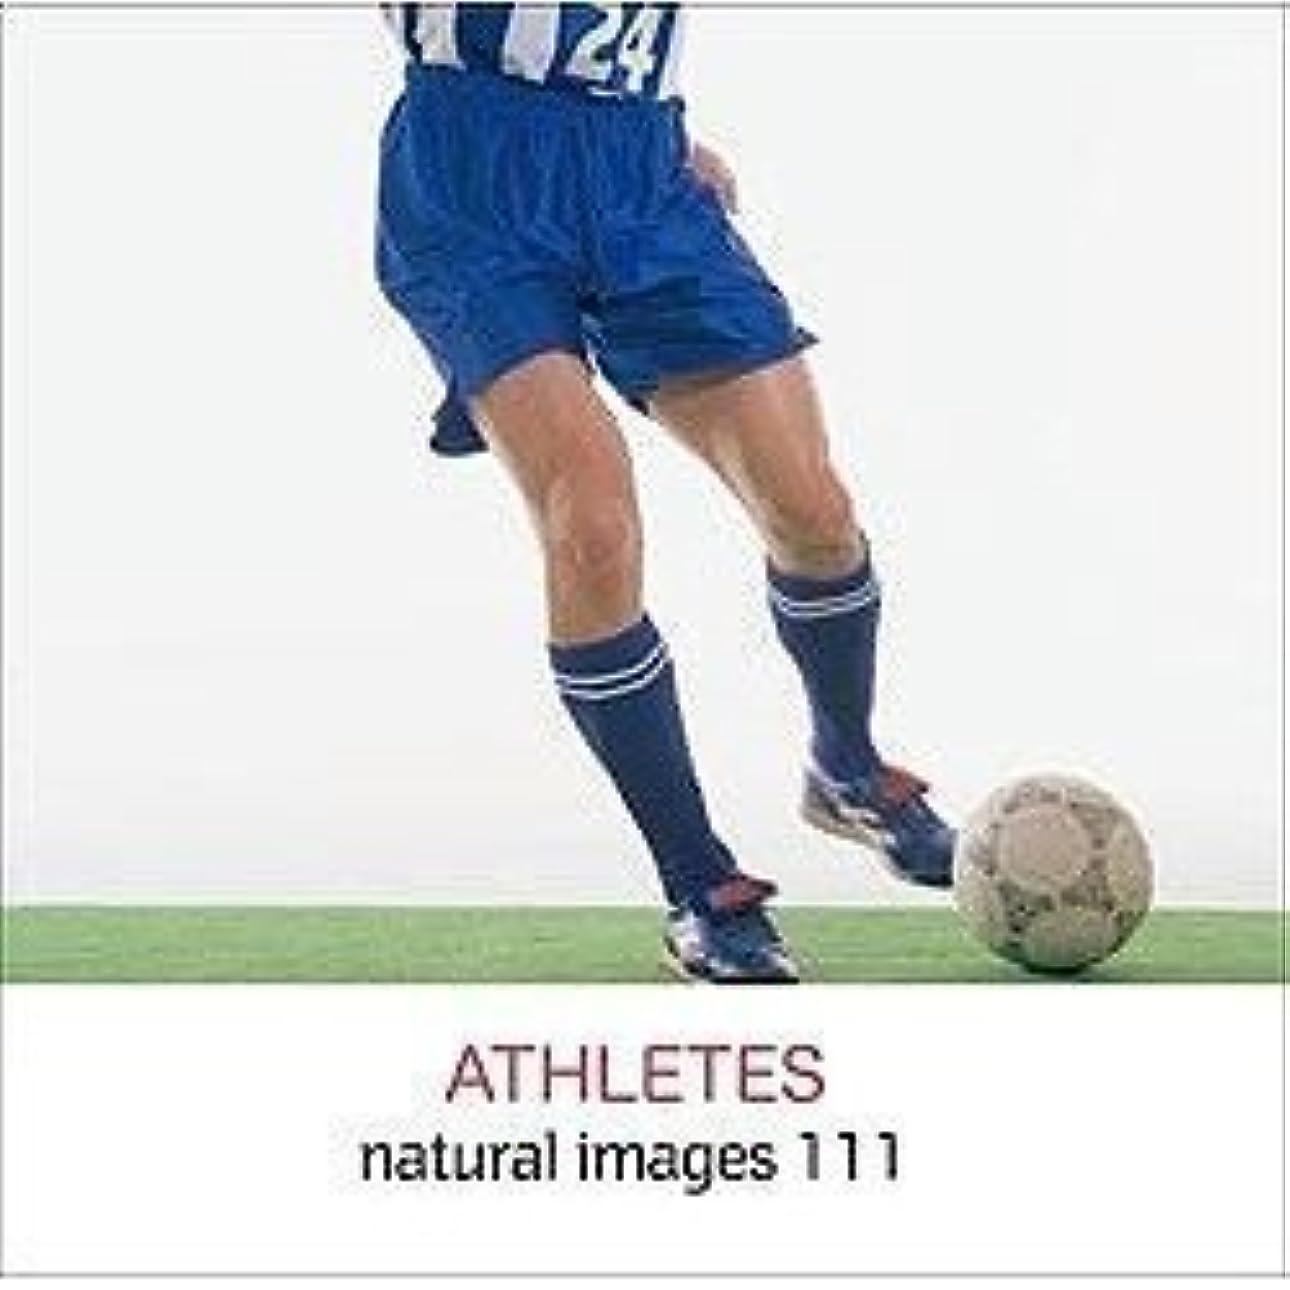 ディレクターコンベンション水素naturalimages Vol.111 ATHLETES